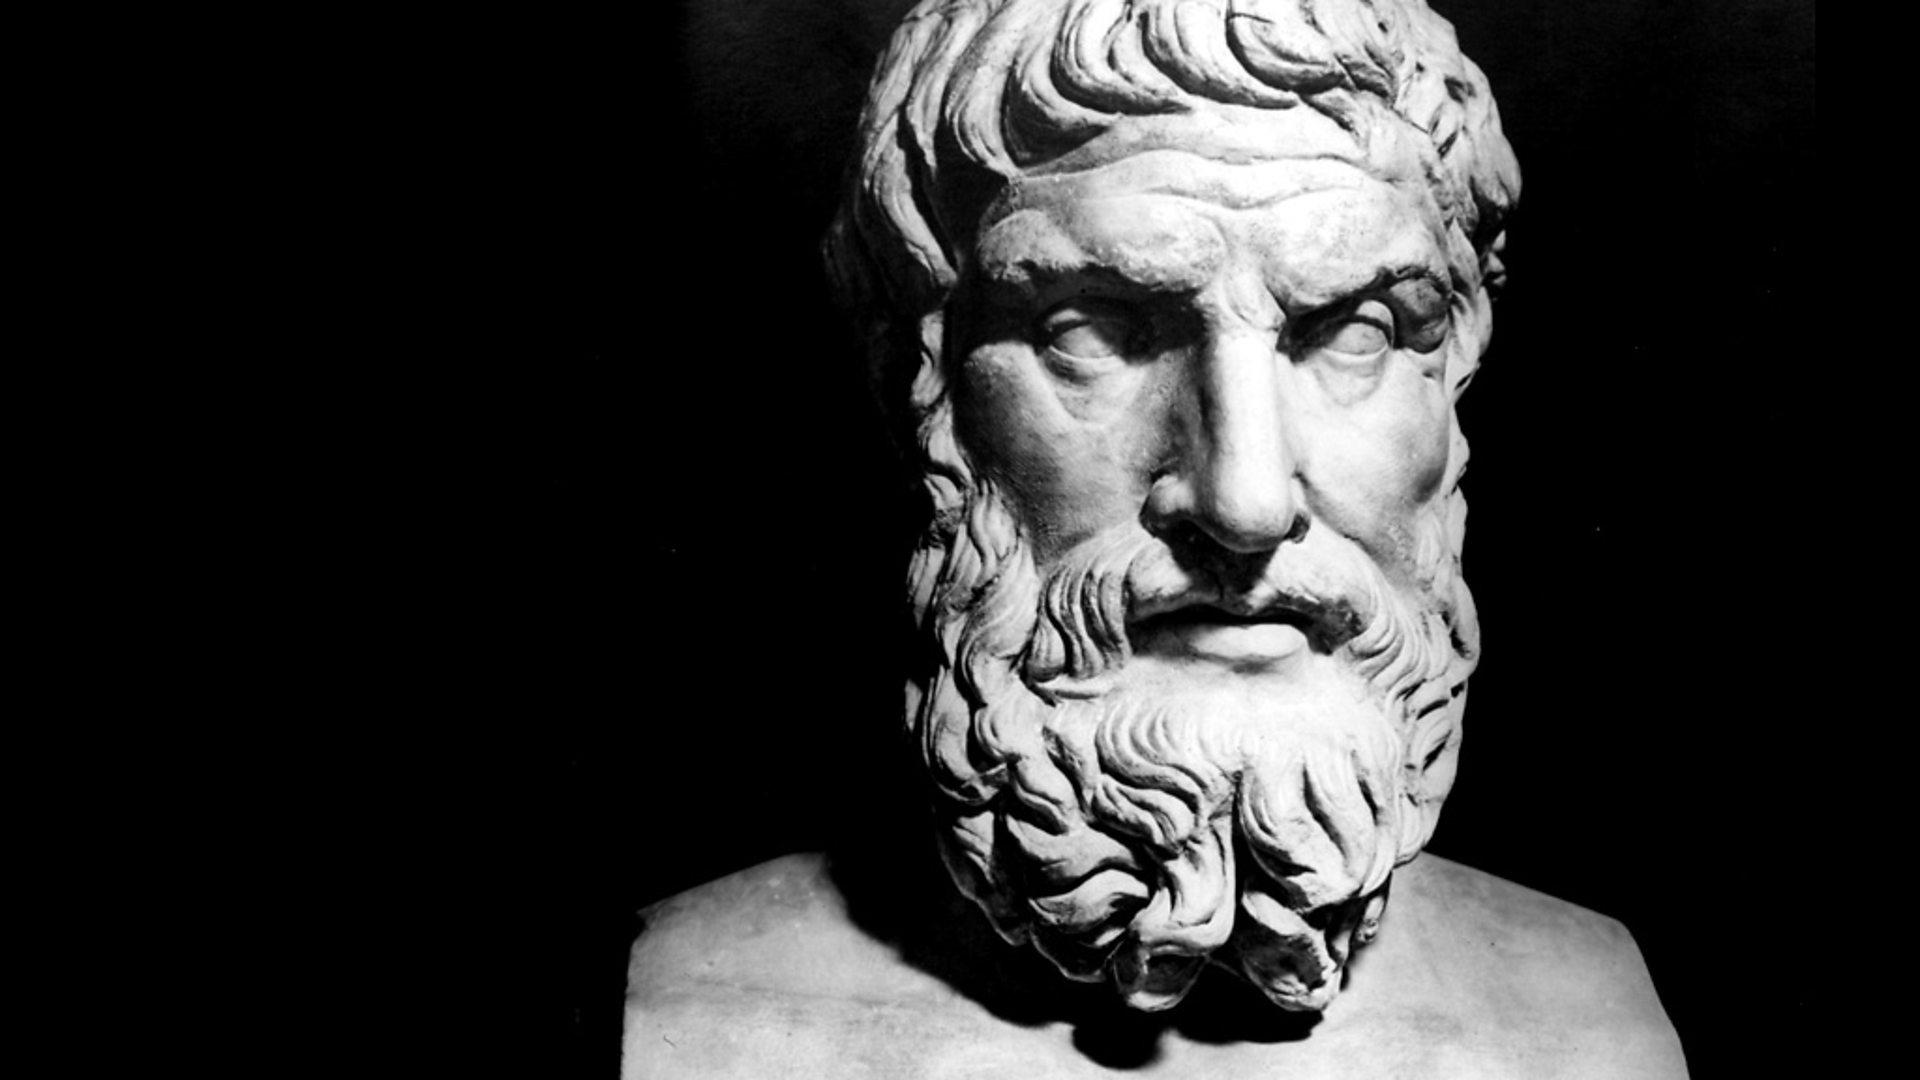 Storia del pensiero filosofico: Epicuro